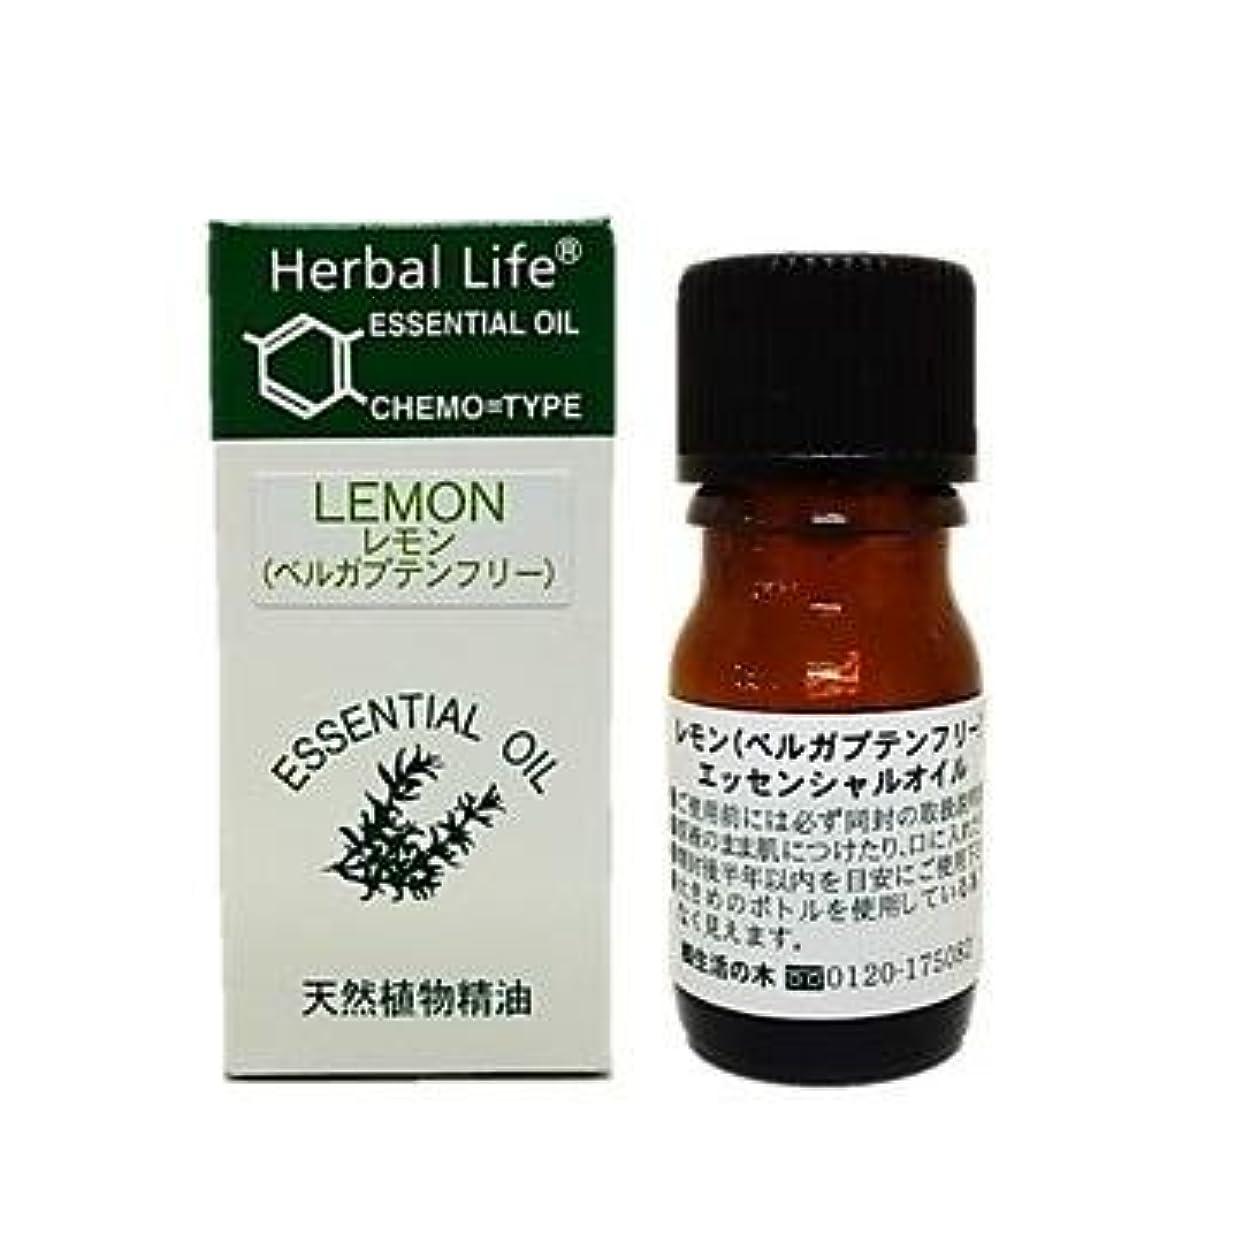 お別れ傾く求人生活の木 レモン(フロクマリンフリー)3ml エッセンシャルオイル/精油